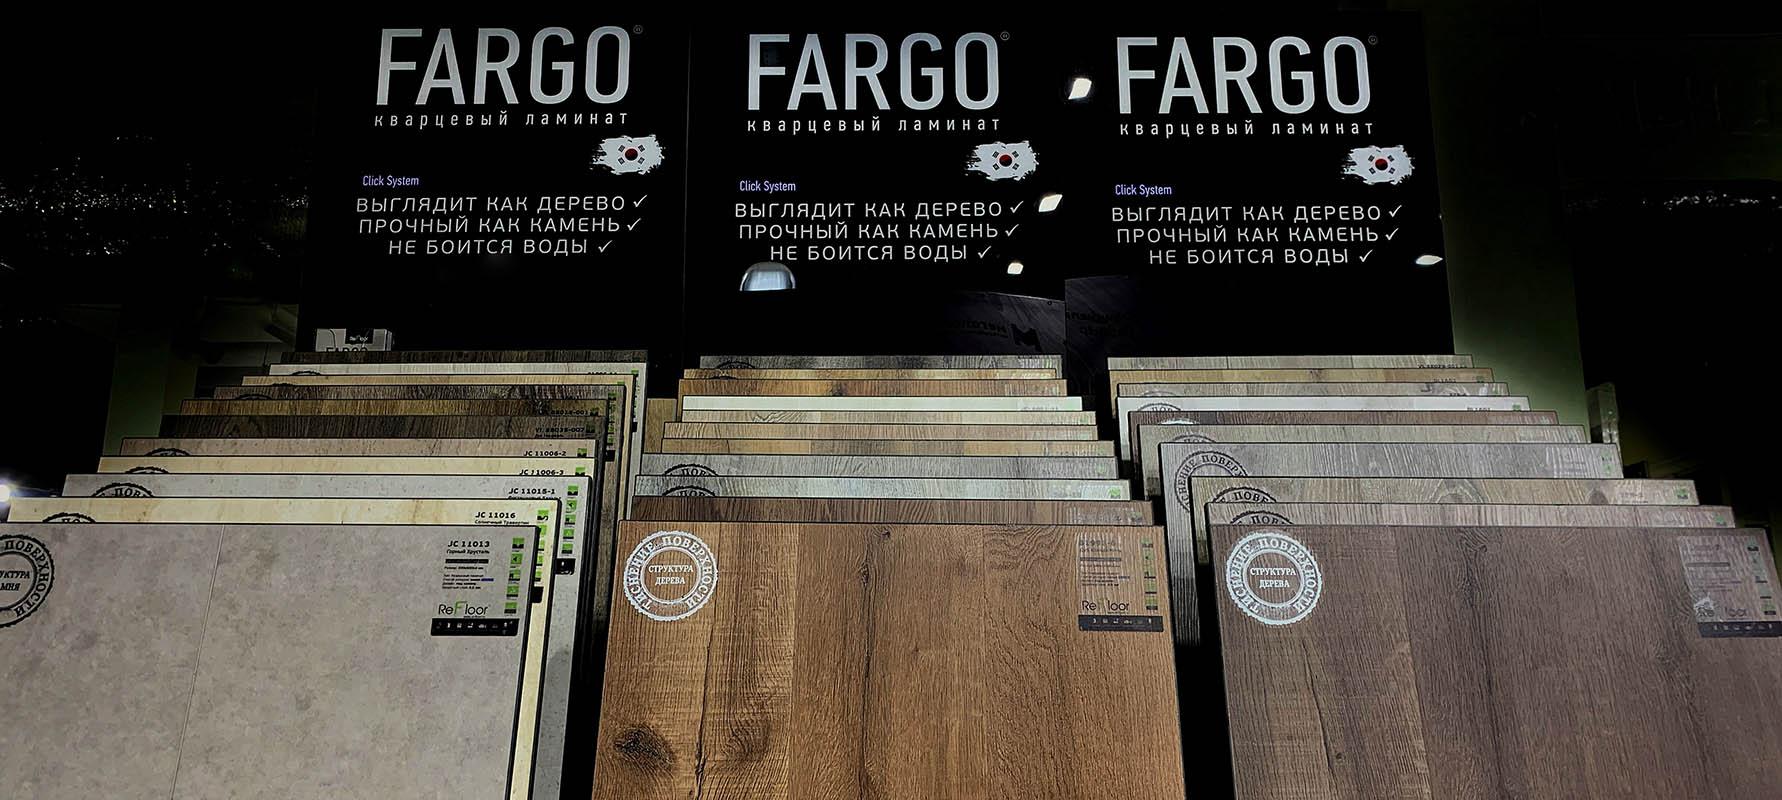 Fargo в интернет-магазине Мегаполия